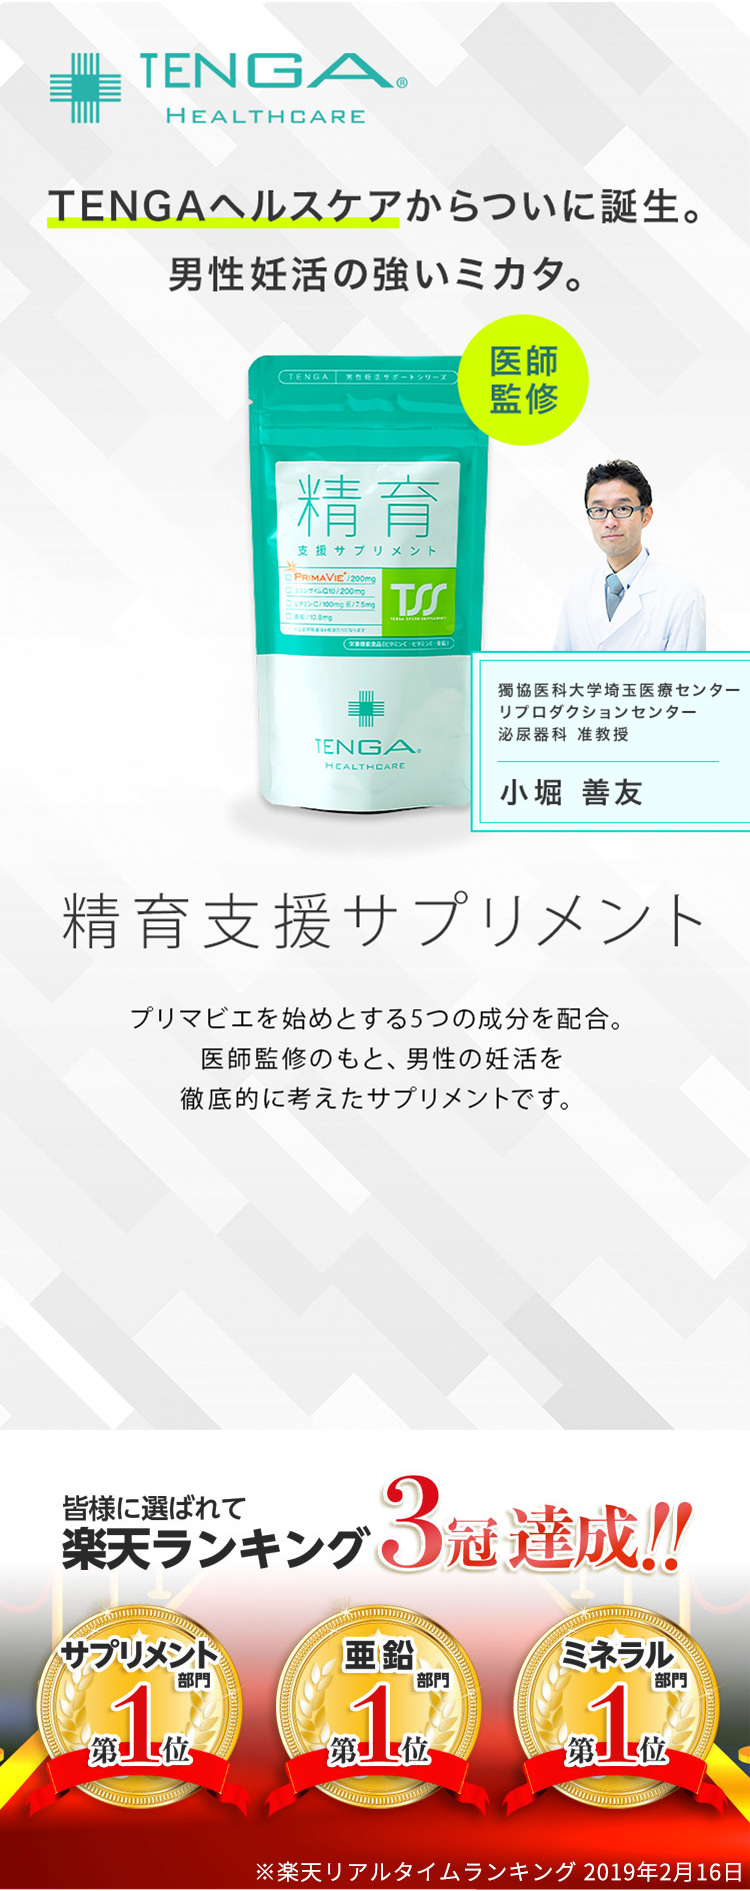 精子を育てる、精子力を取り戻す 男性妊活サポートシリーズ 精育支援サプリメント